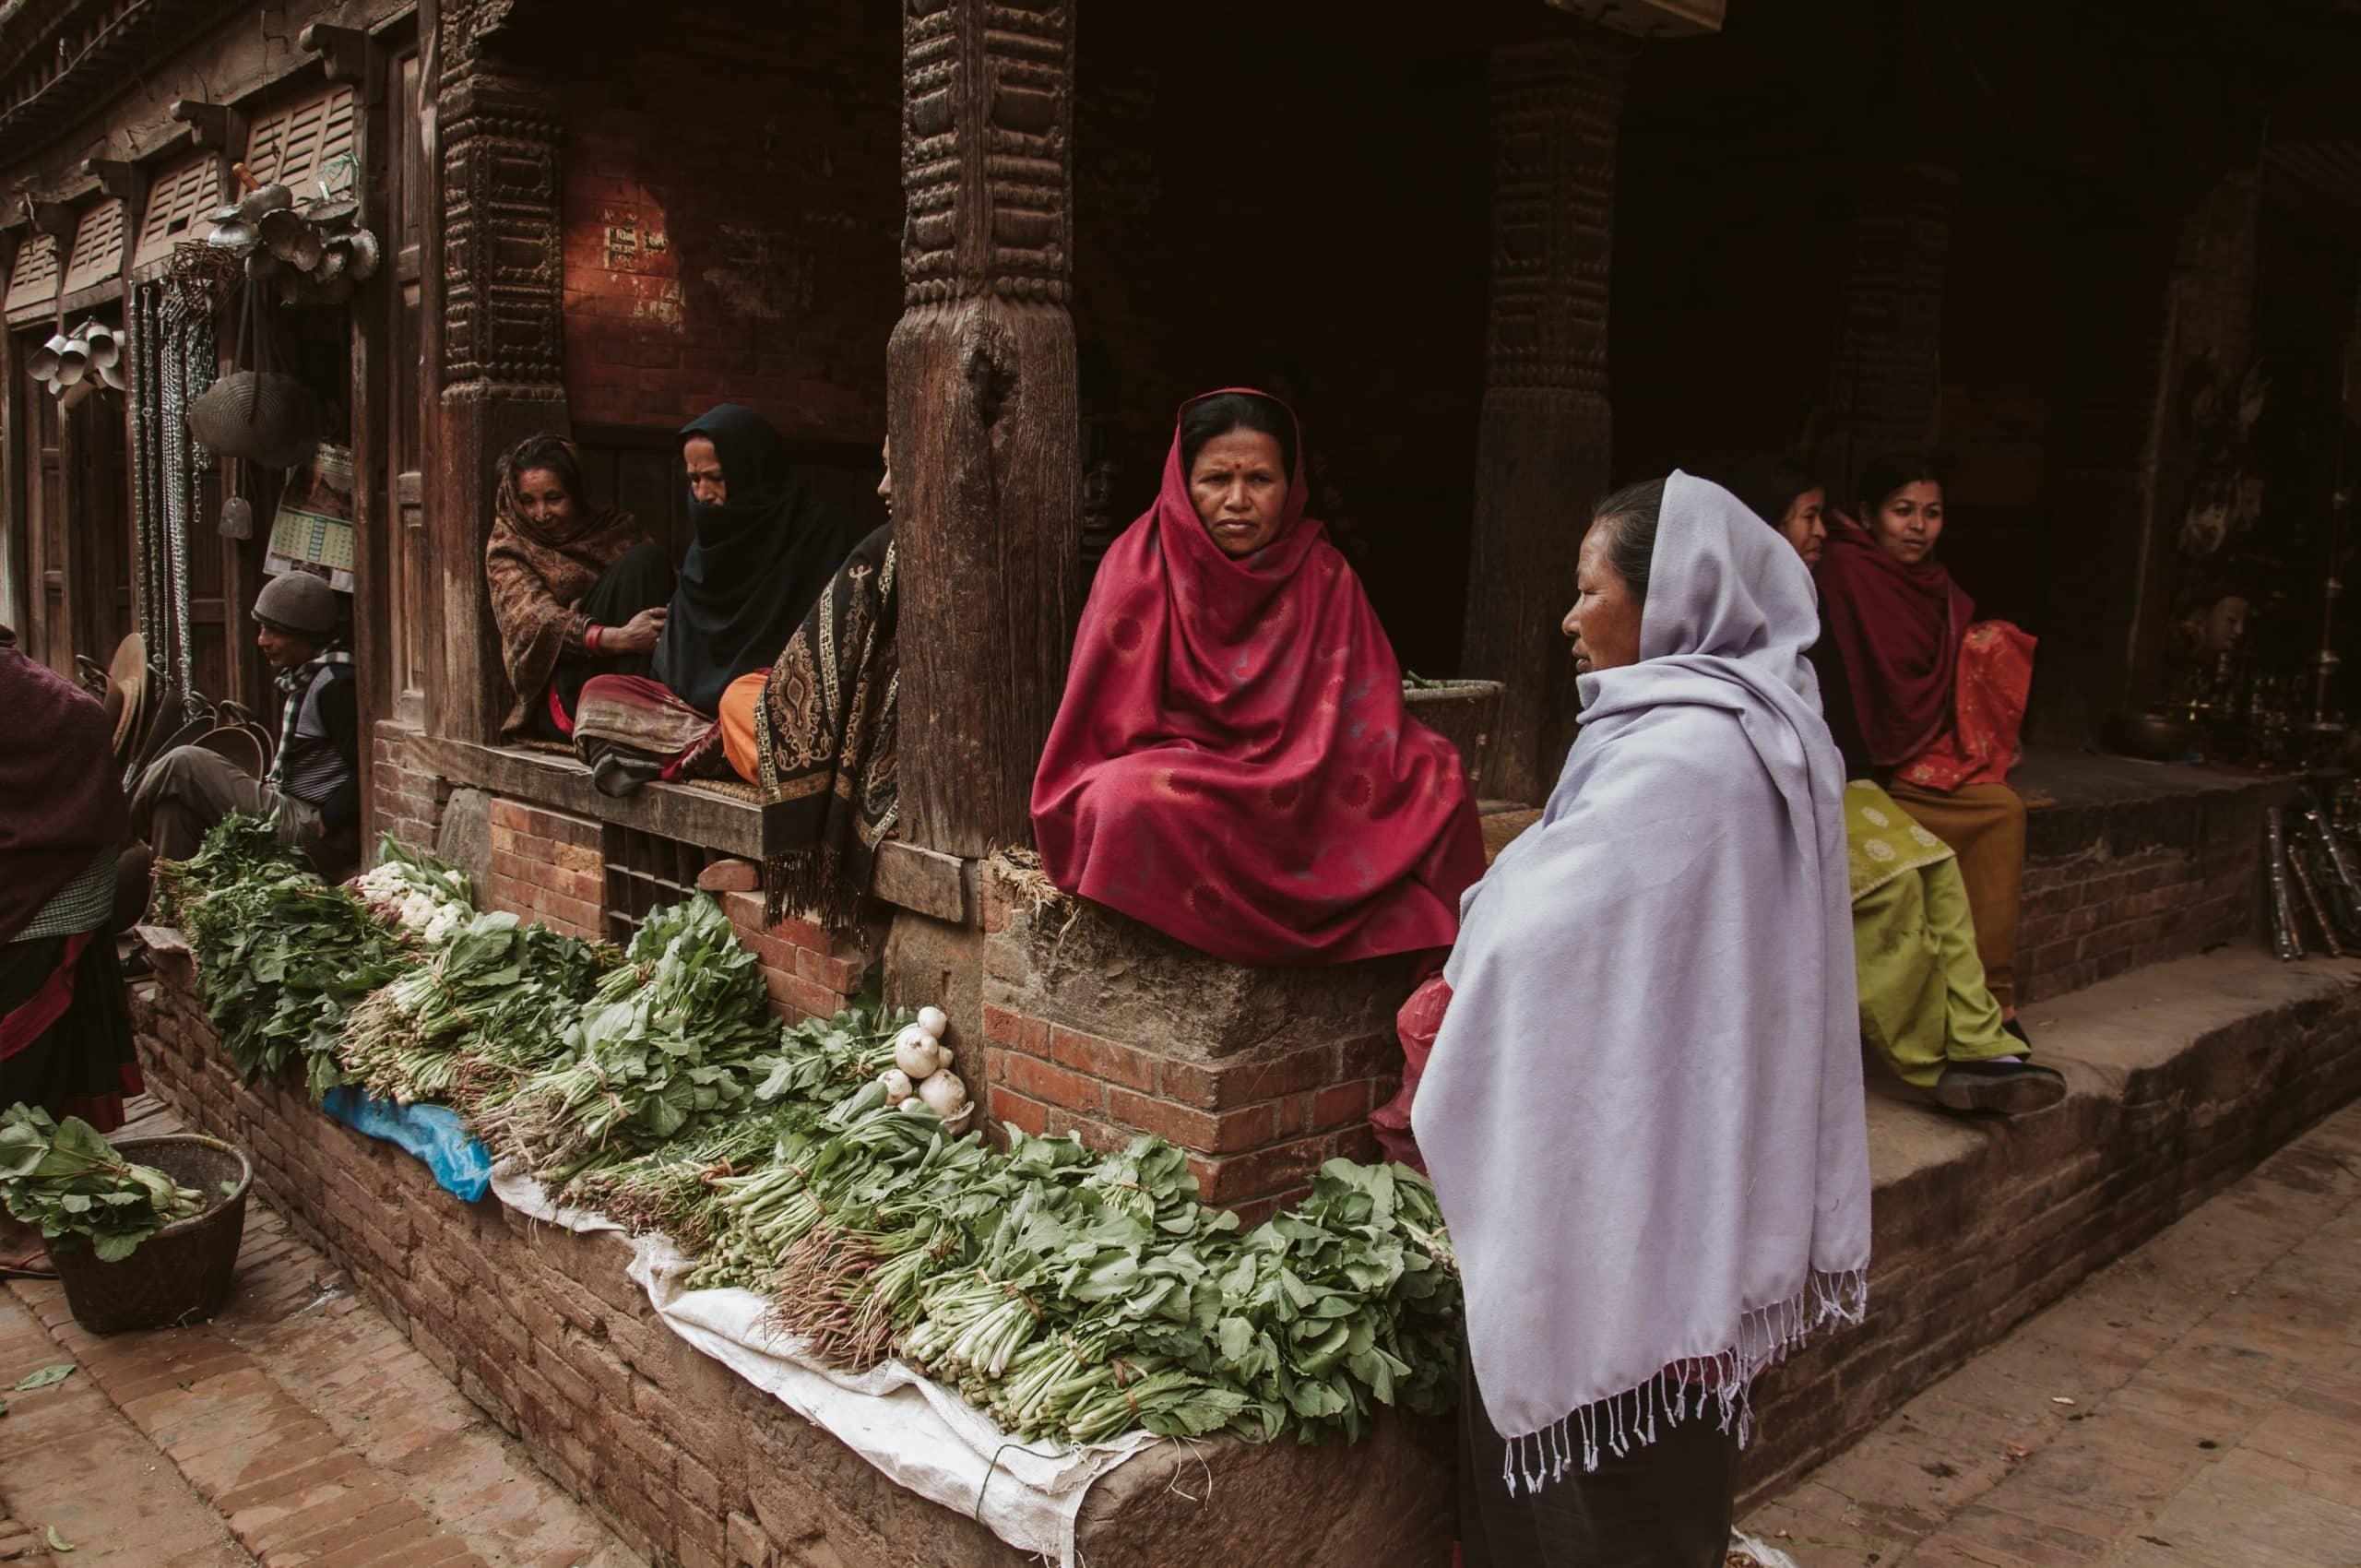 Volontariato internazionale in Nepal per i diritti delle donne